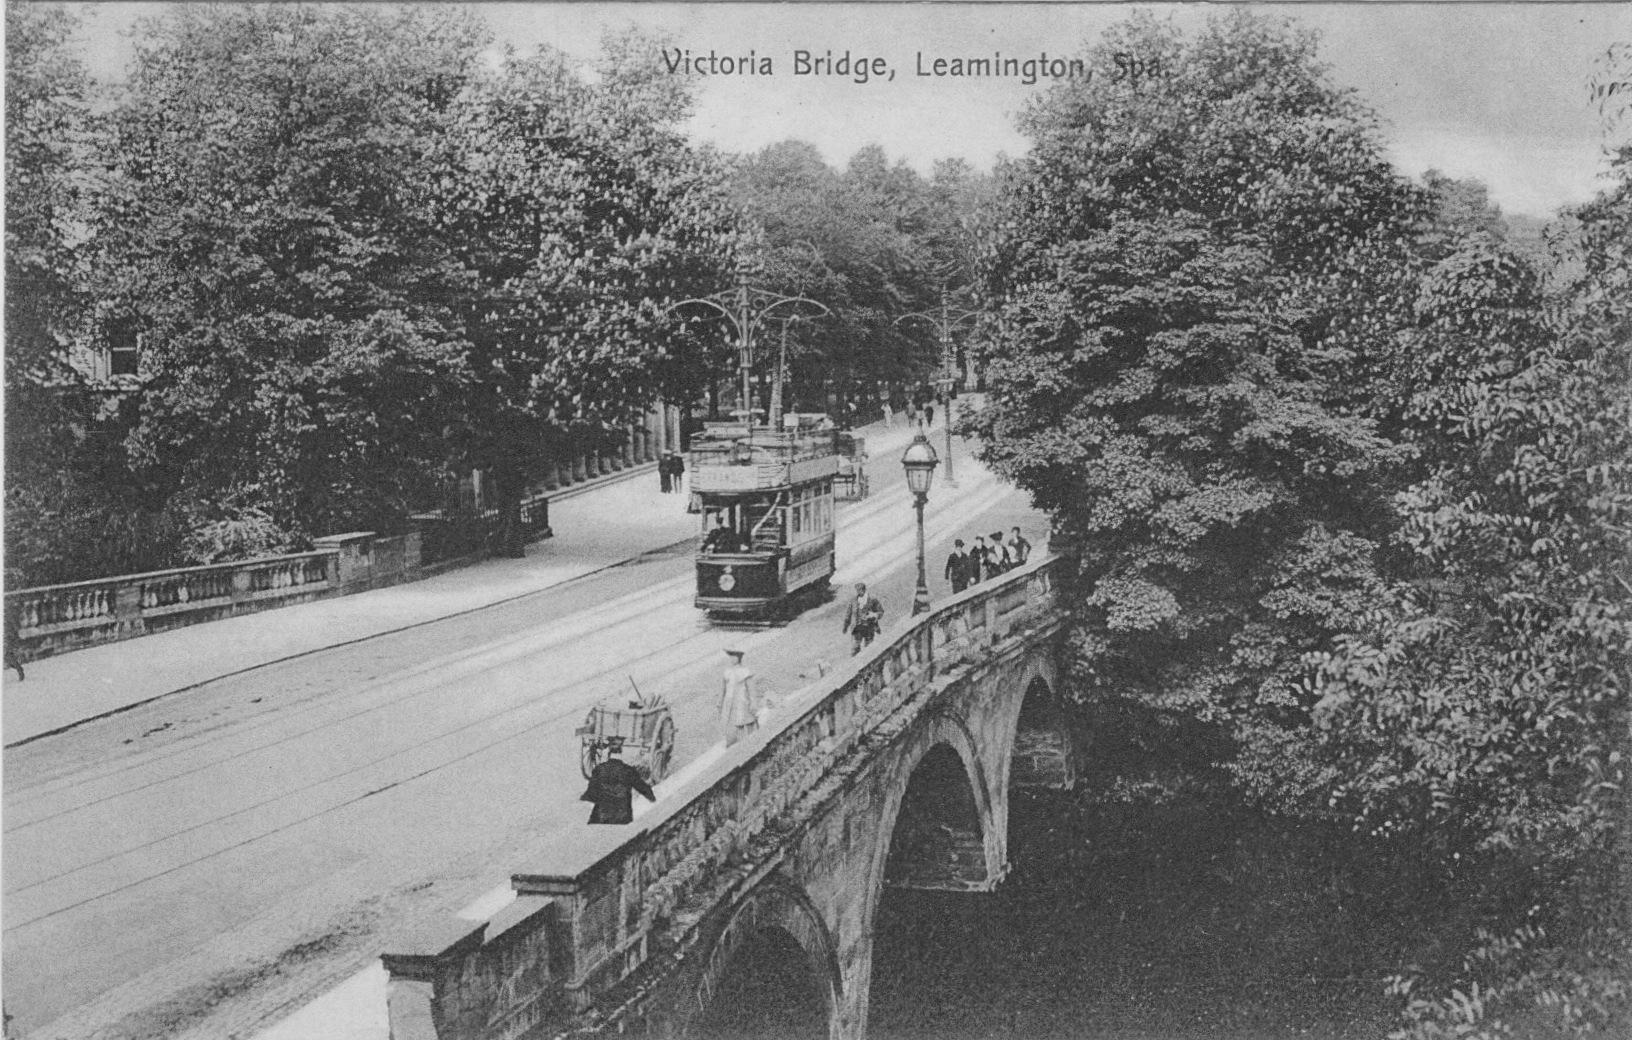 Victoria Bridge & Tram